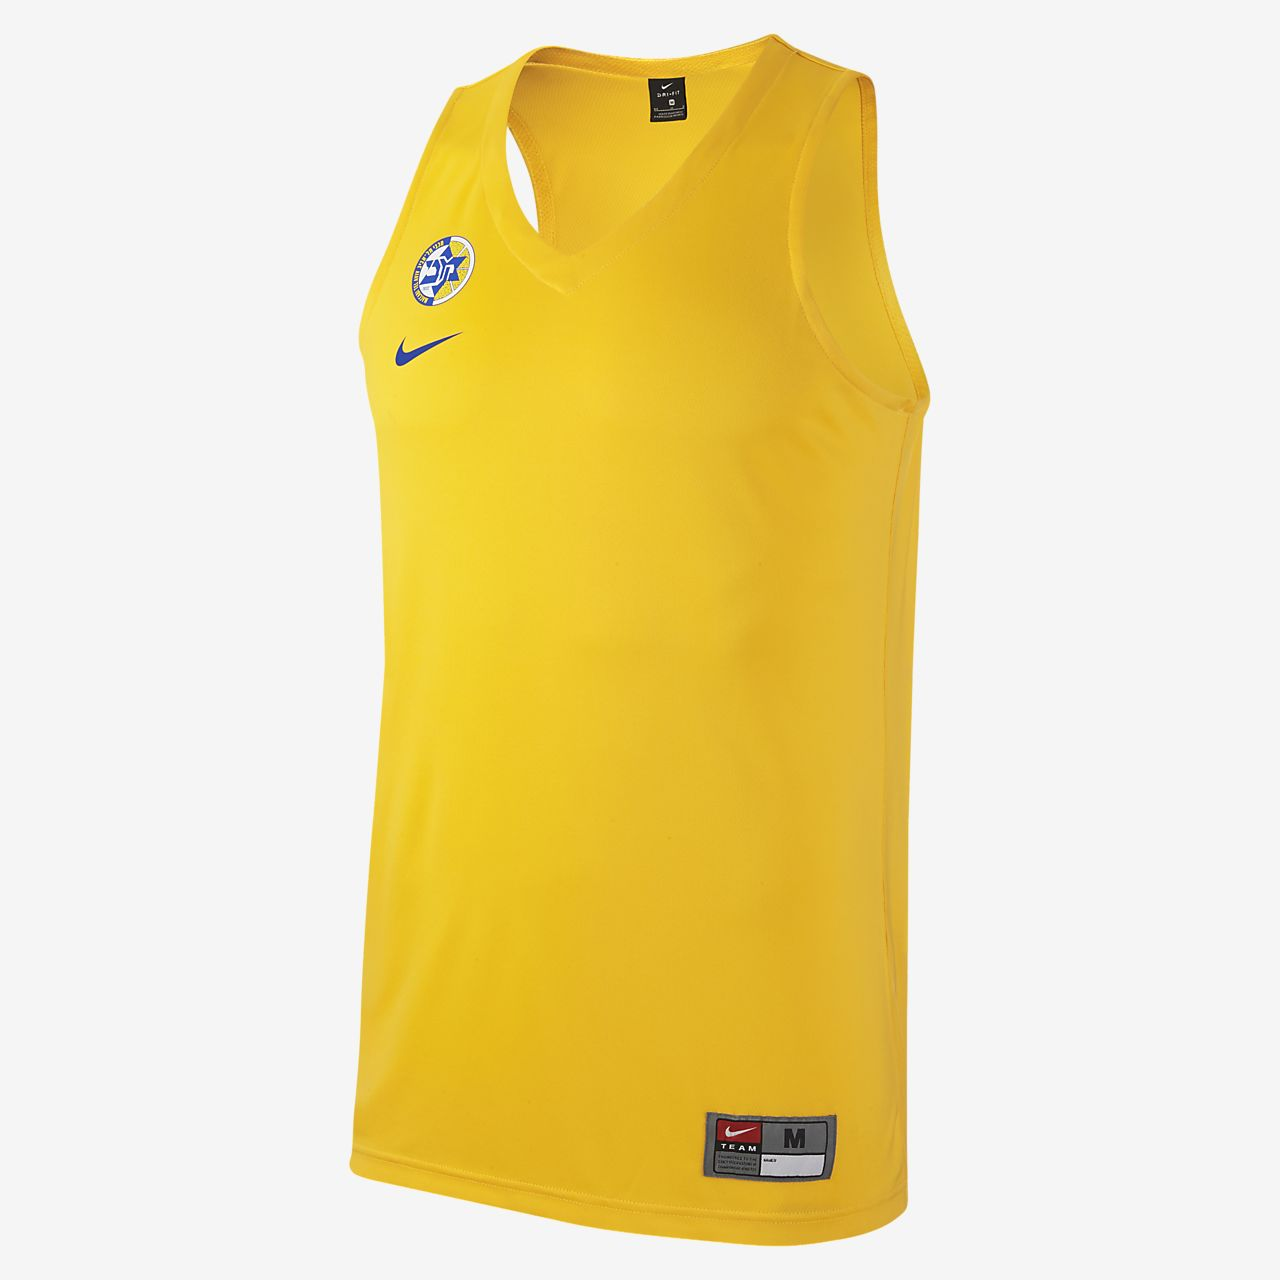 Maccabi Tel Aviv Replica Erkek Basketbol Forması